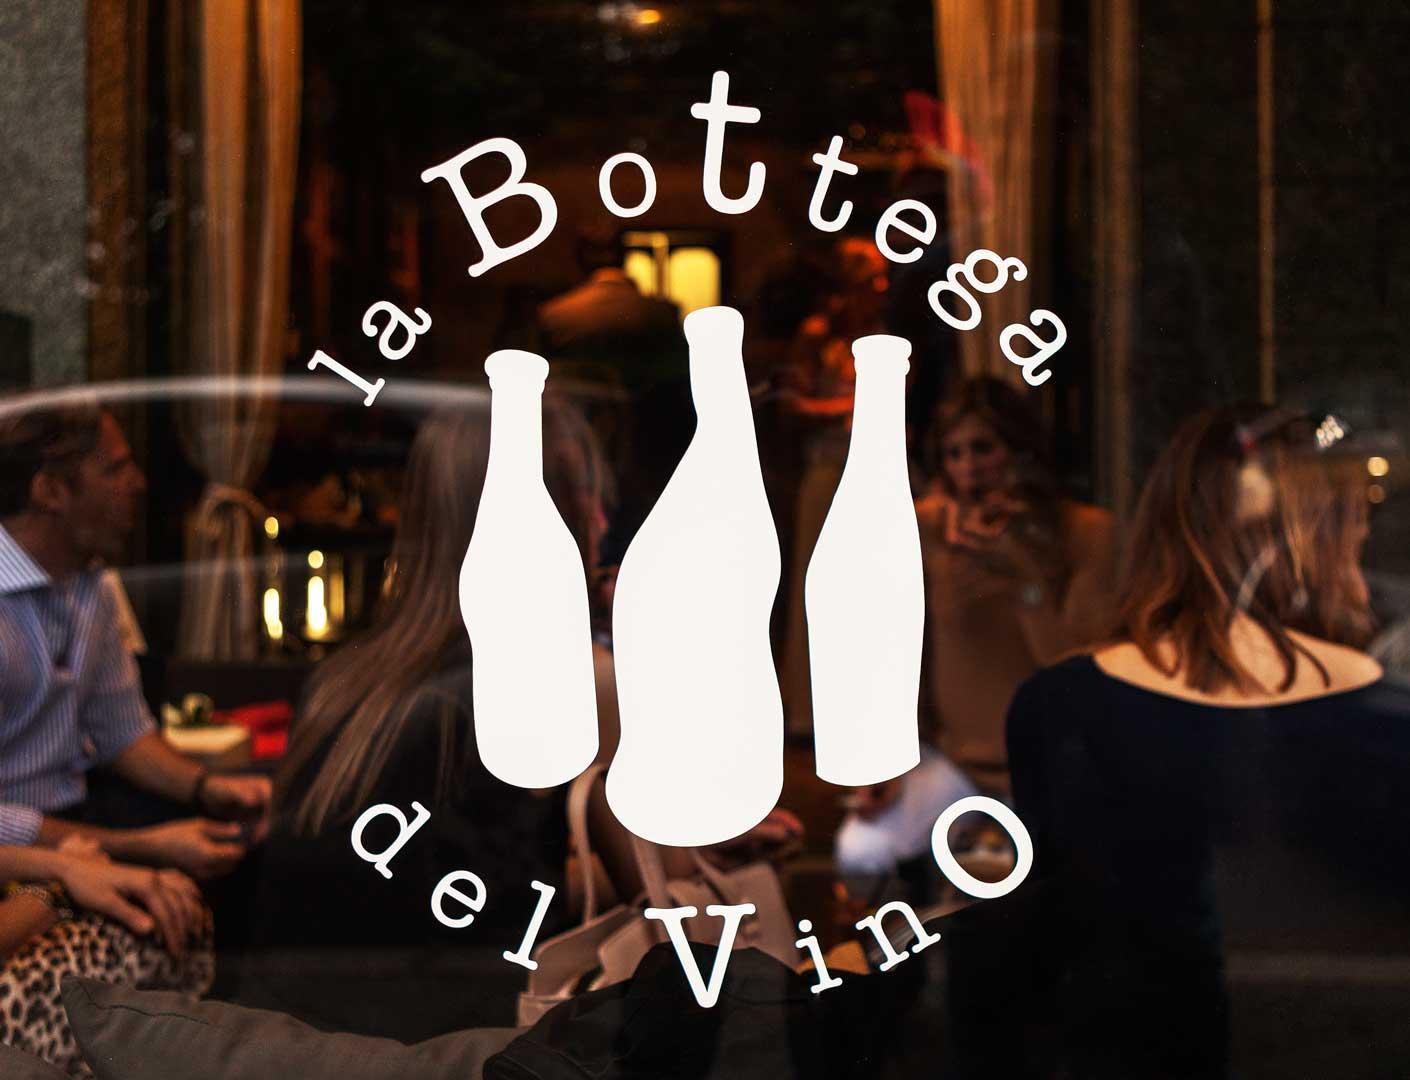 La Bottega del Vino